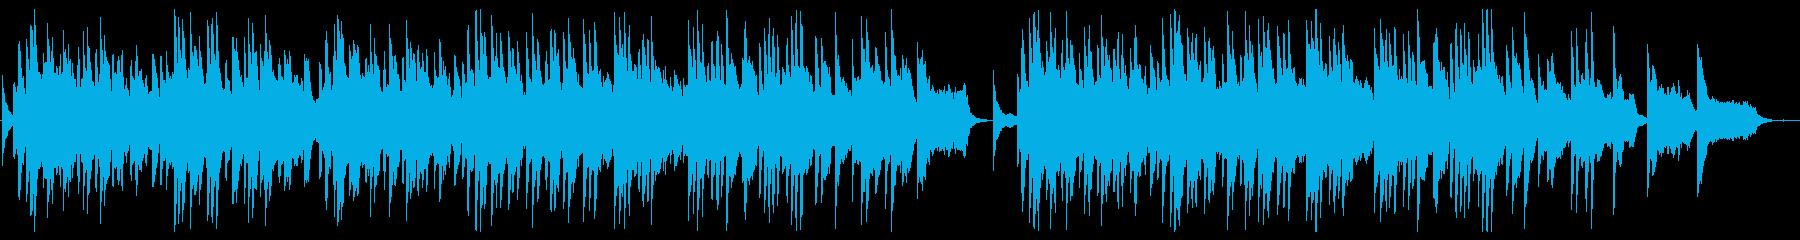 悲しく切ないピアノのスローバラードの再生済みの波形